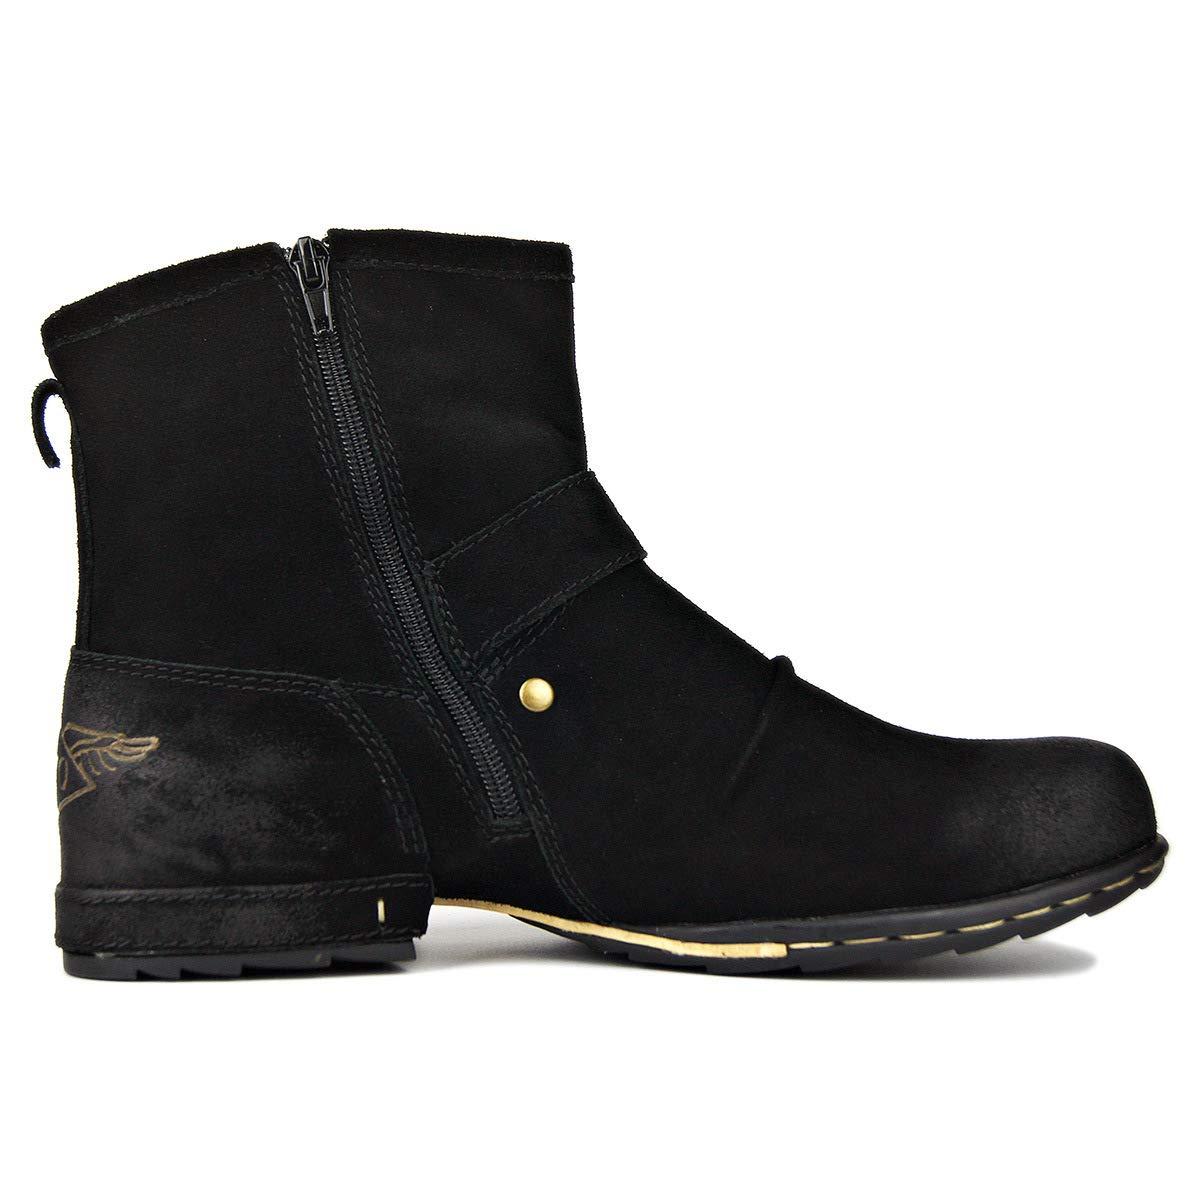 Suetar Echtes Leder Chukka Stiefel für Männer Herbst Herbst Herbst und Winter Mode Zipper-up Stiefeletten Herren Western Freizeitschuhe B07PT7XL84 130d8f